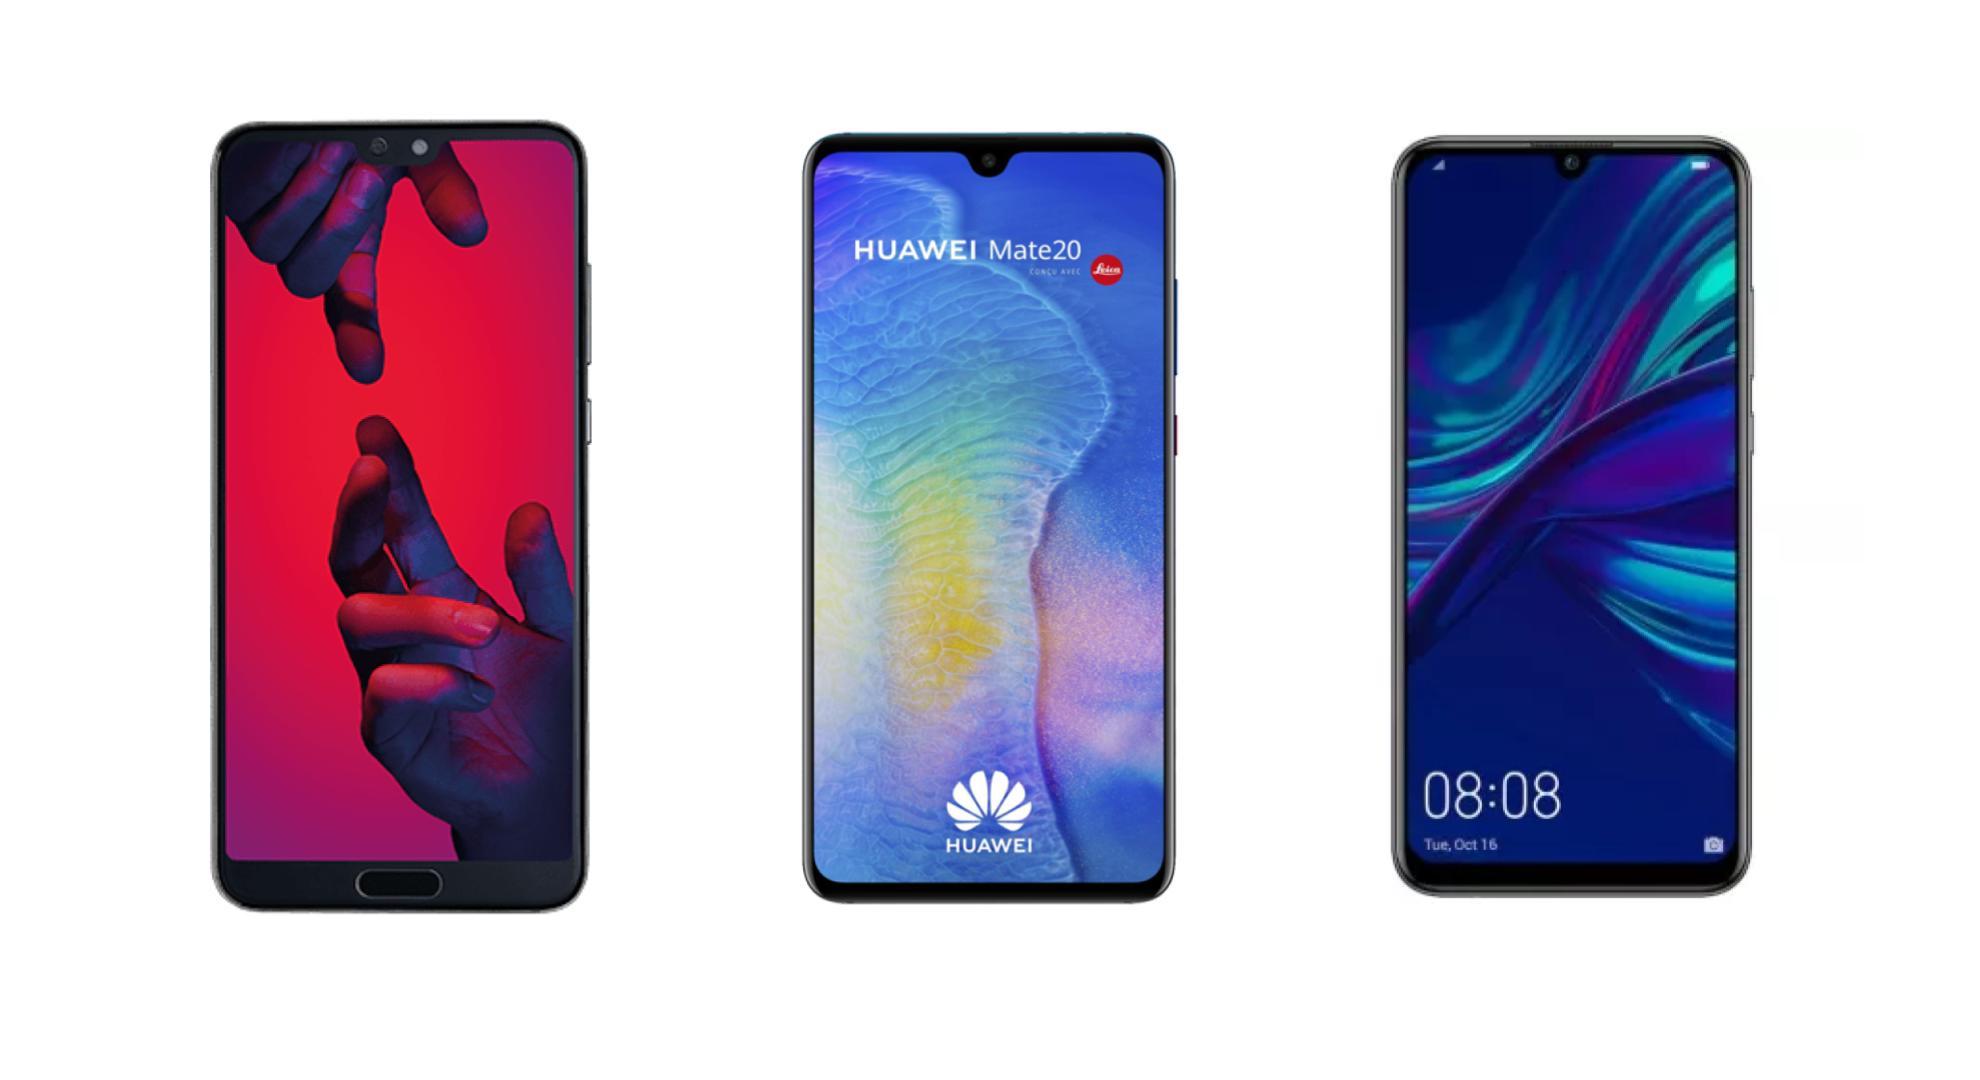 c600bc99f1215a La marque propose aujourd hui un large choix de smartphones sur toutes les  gammes de prix   Mate 20, P20 ou encore P Smart 2019. Ce guide est là pour  vous ...